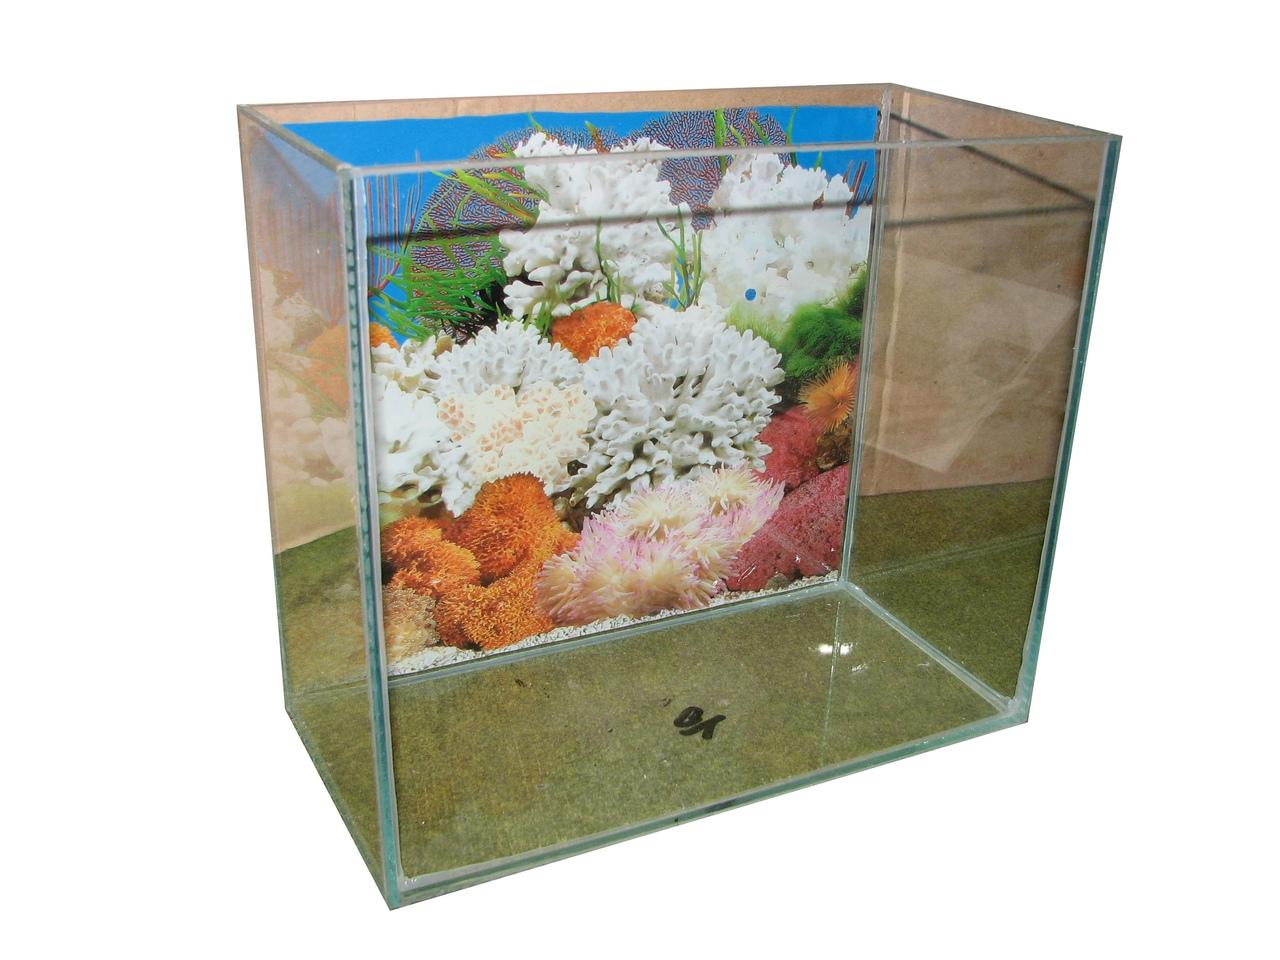 10л. аквариум